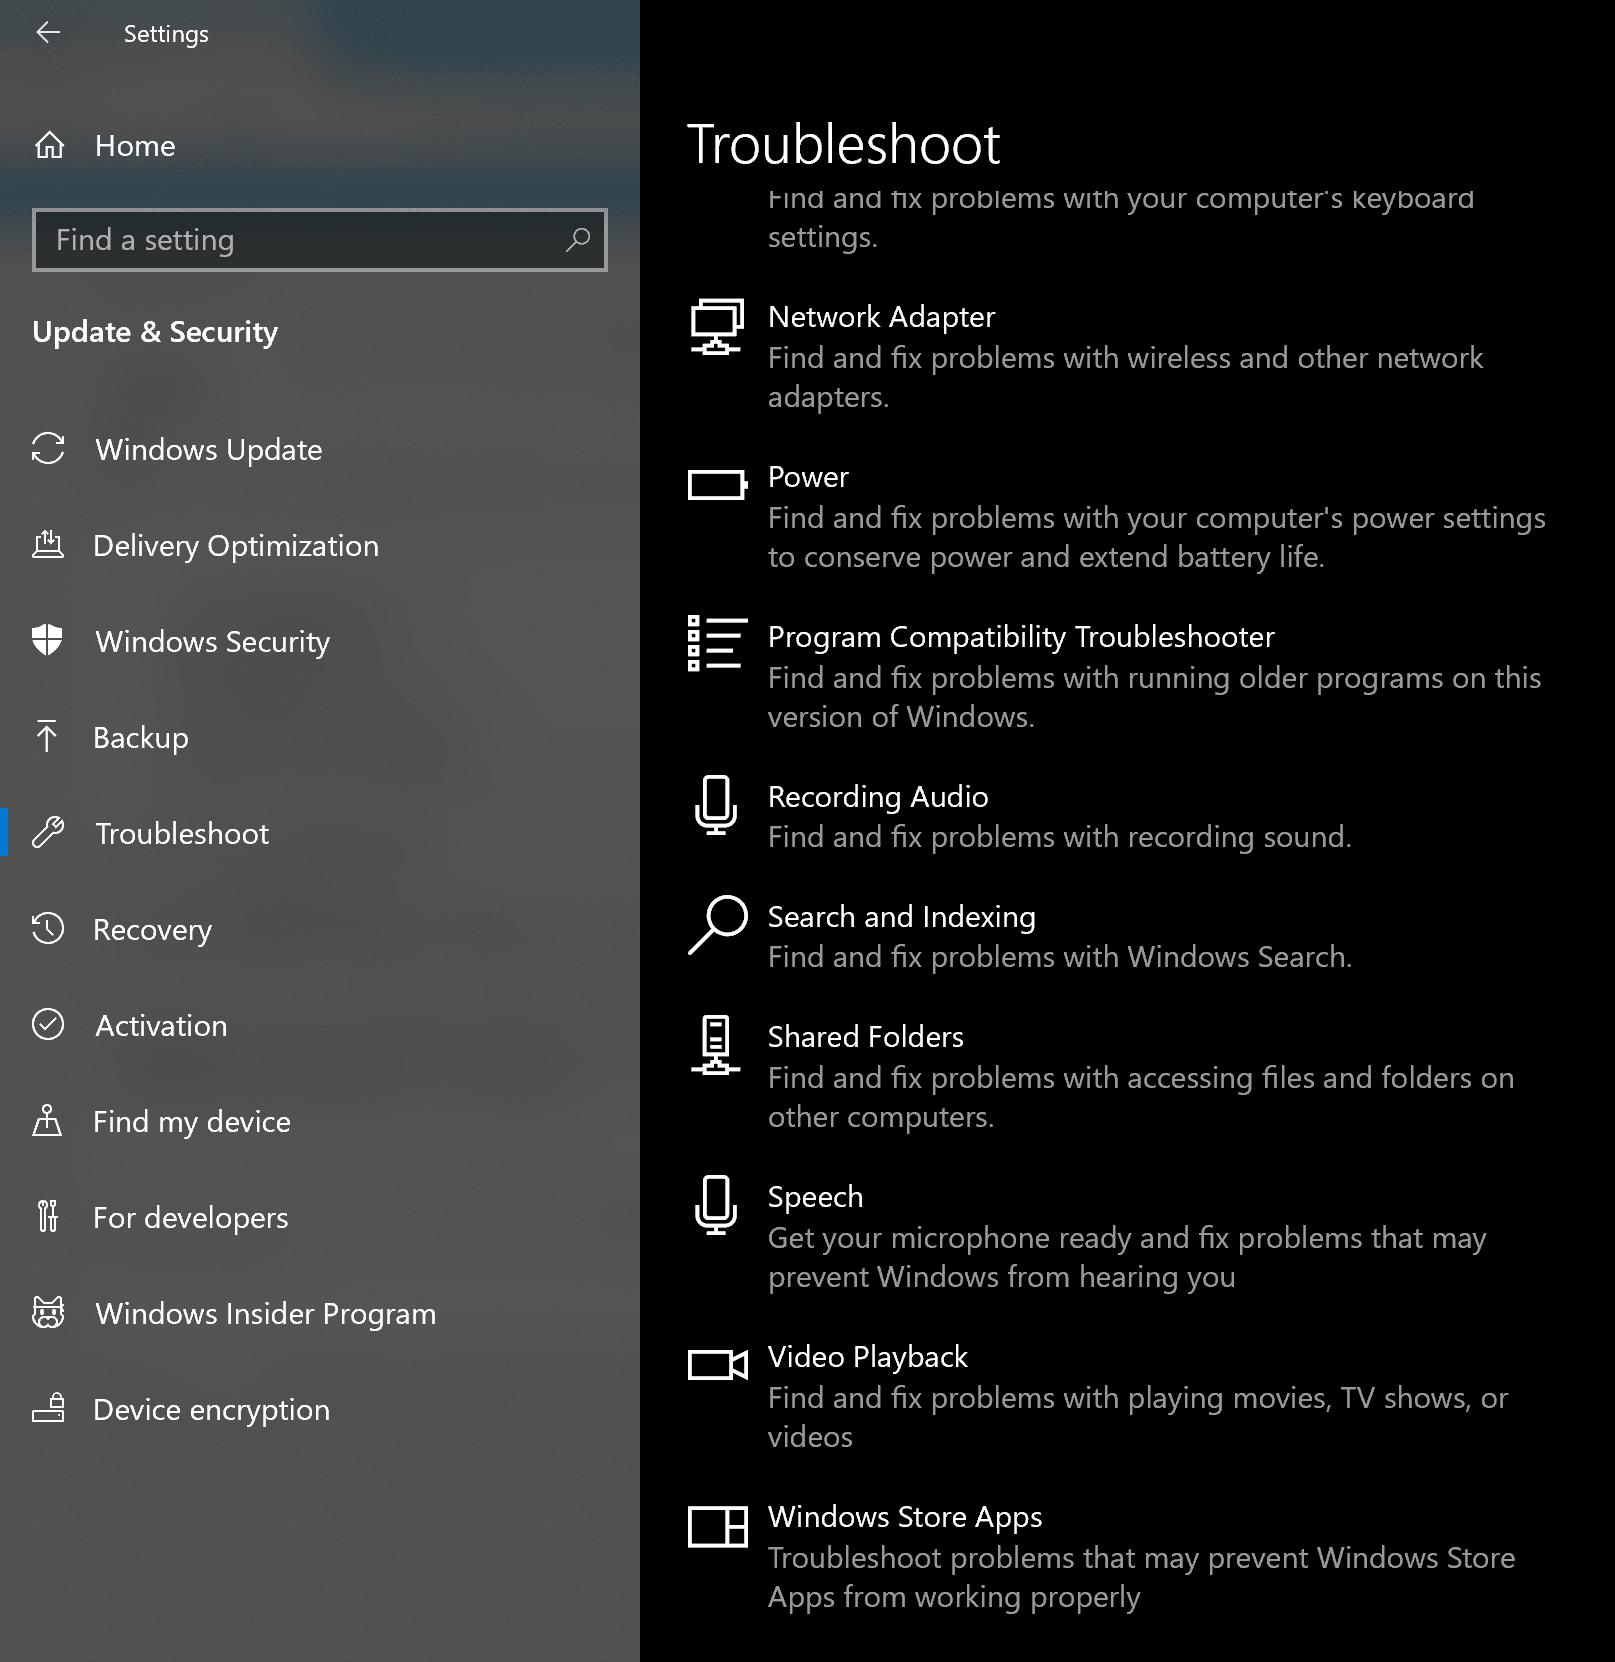 Código de error 0xa00f4243 para la aplicación Cámara en Windows 10 2